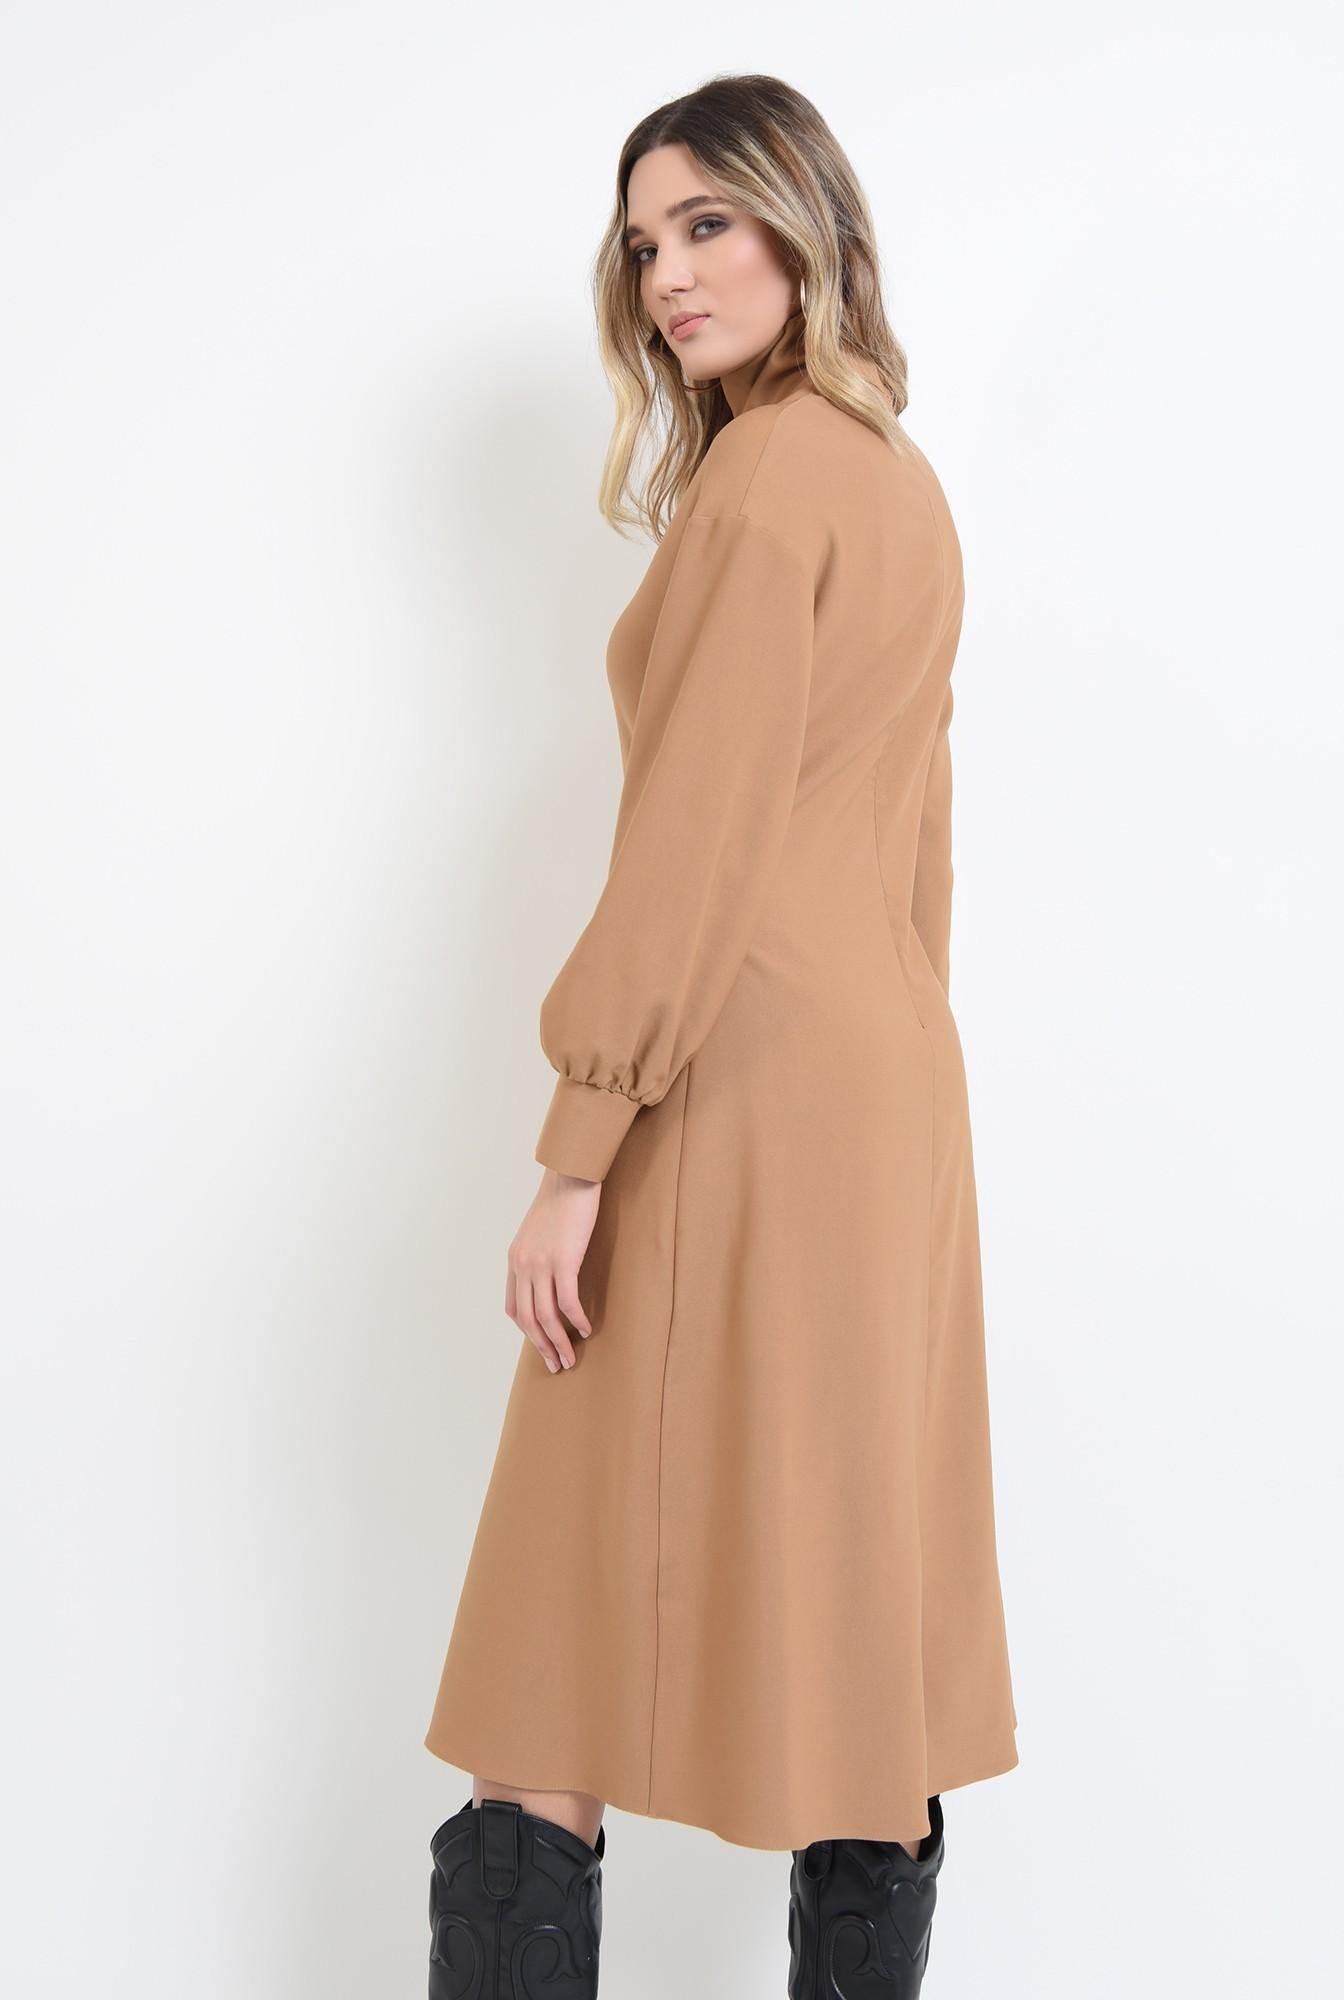 1 - rochie midi, camel, cu guler inalt